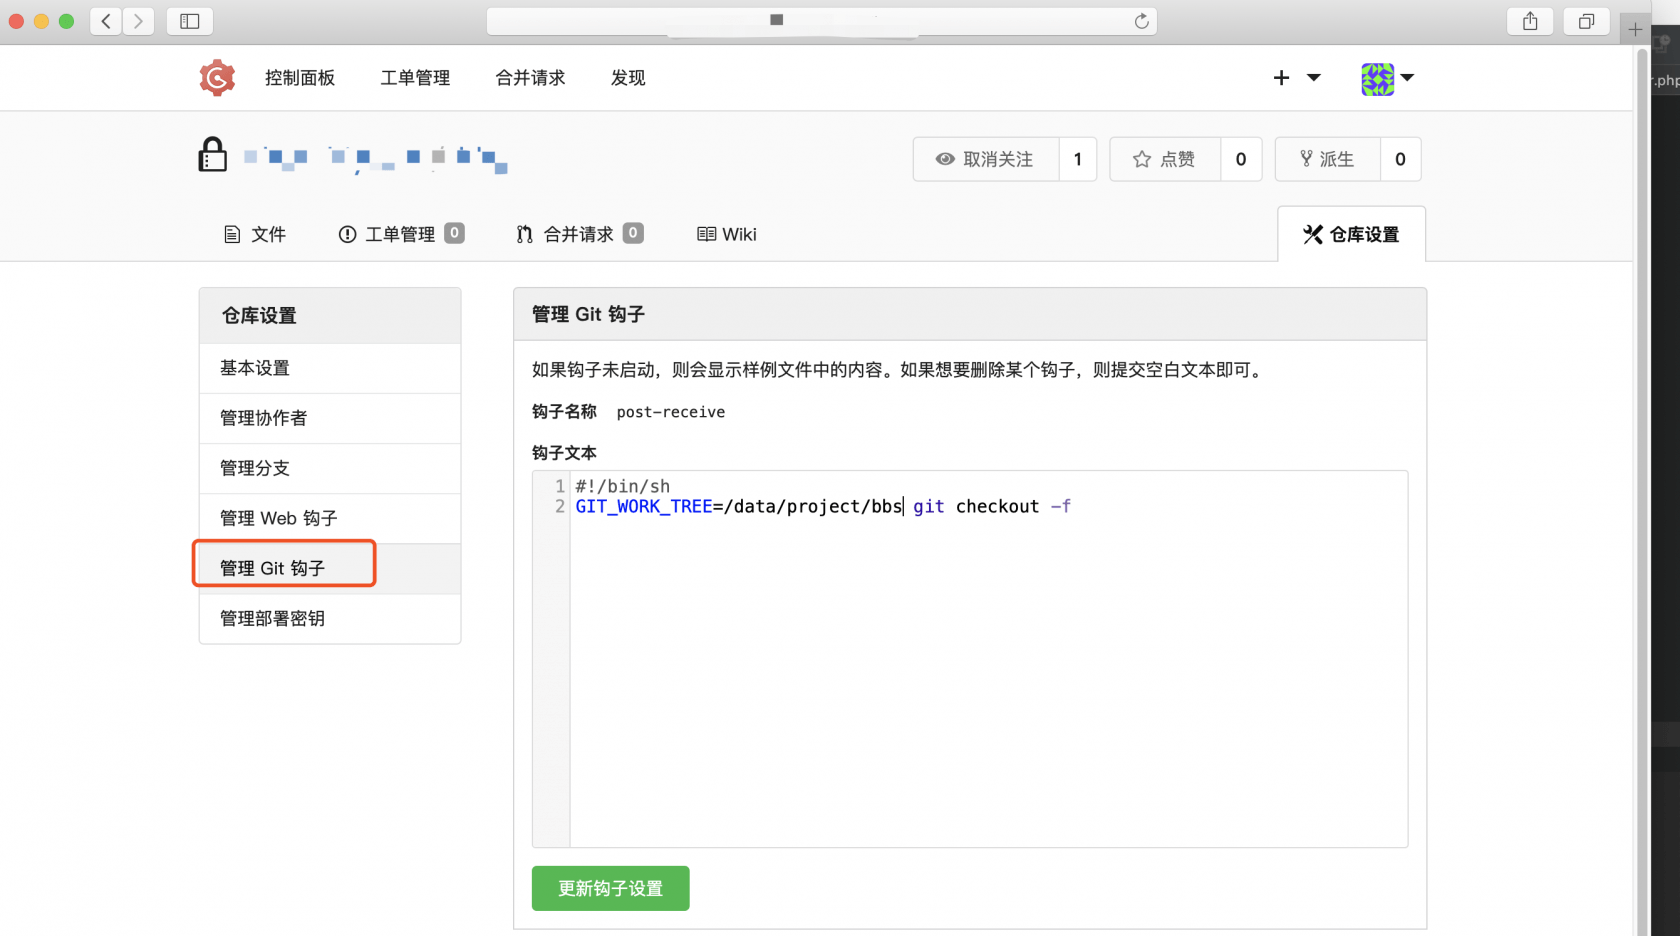 使用Docker部署版本控制工具Gogs